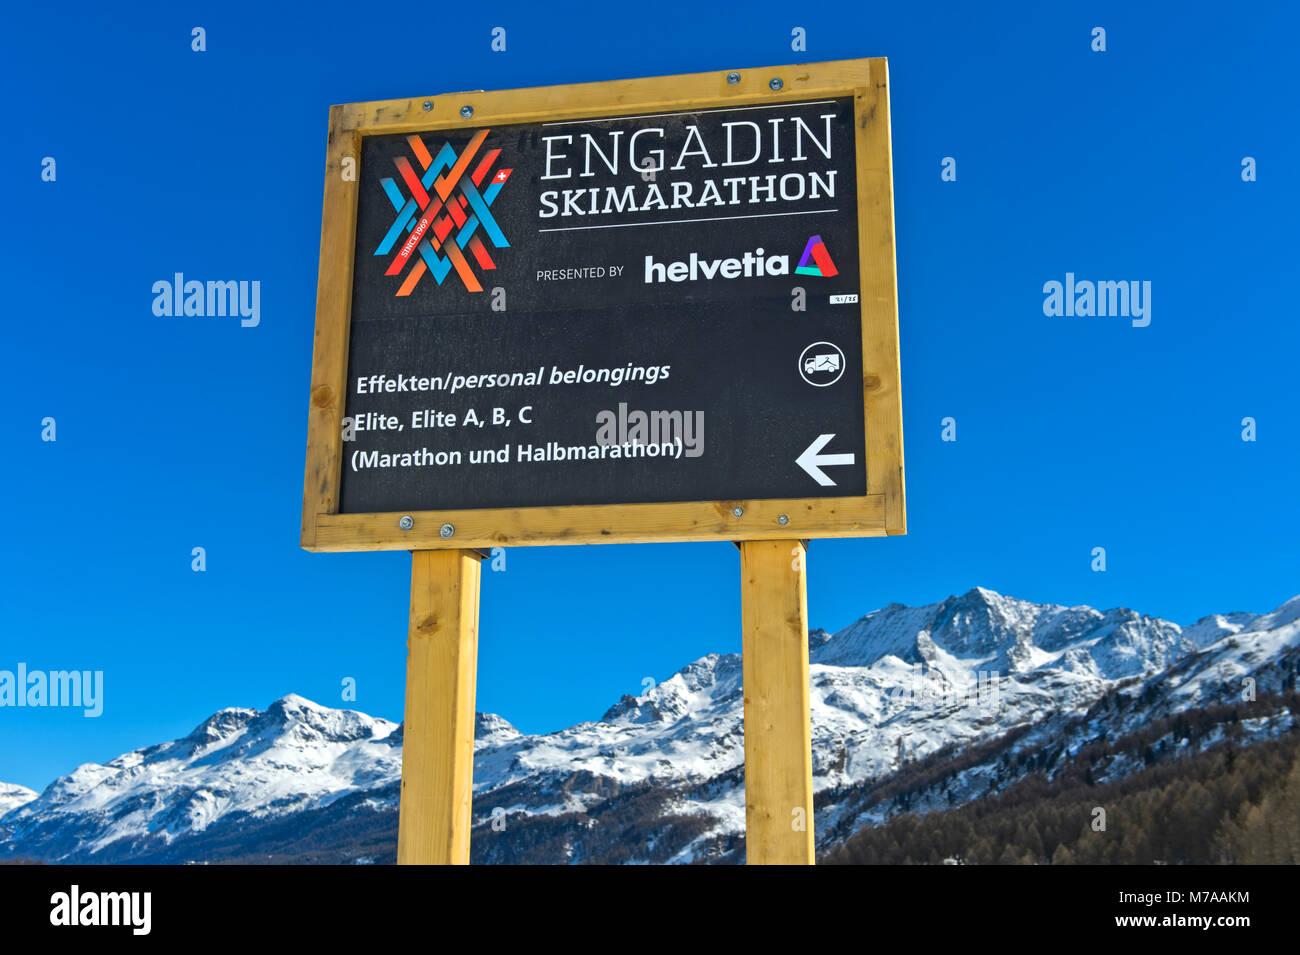 Signo de la información para el evento deportivo anual Engadin, Maloja, Maratón de esquí de Engadine, Imagen De Stock